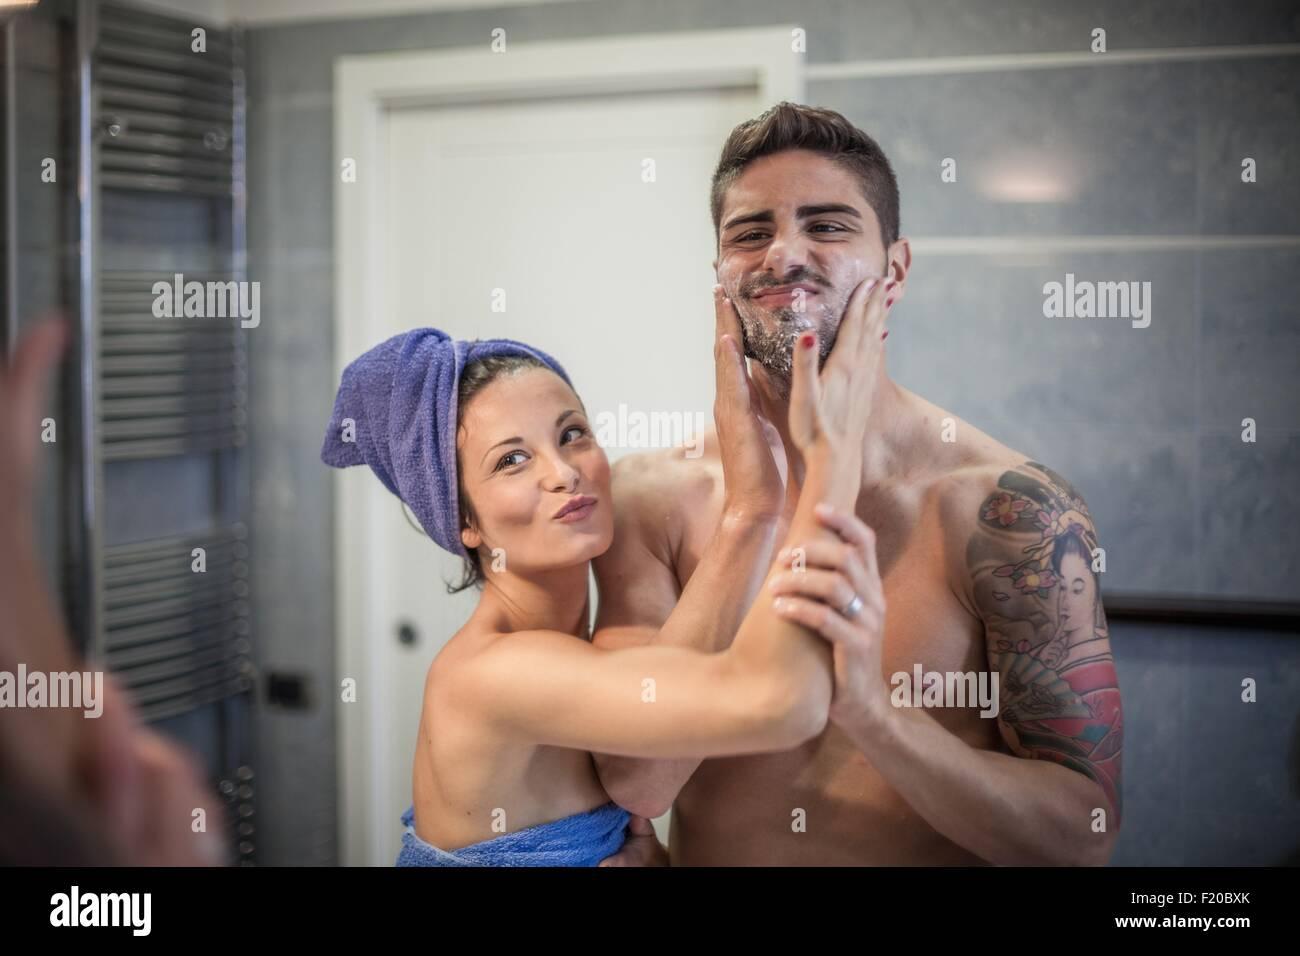 Specchio bagno immagine della giovane donna di applicare la lozione di rasatura per fidanzati guance Immagini Stock